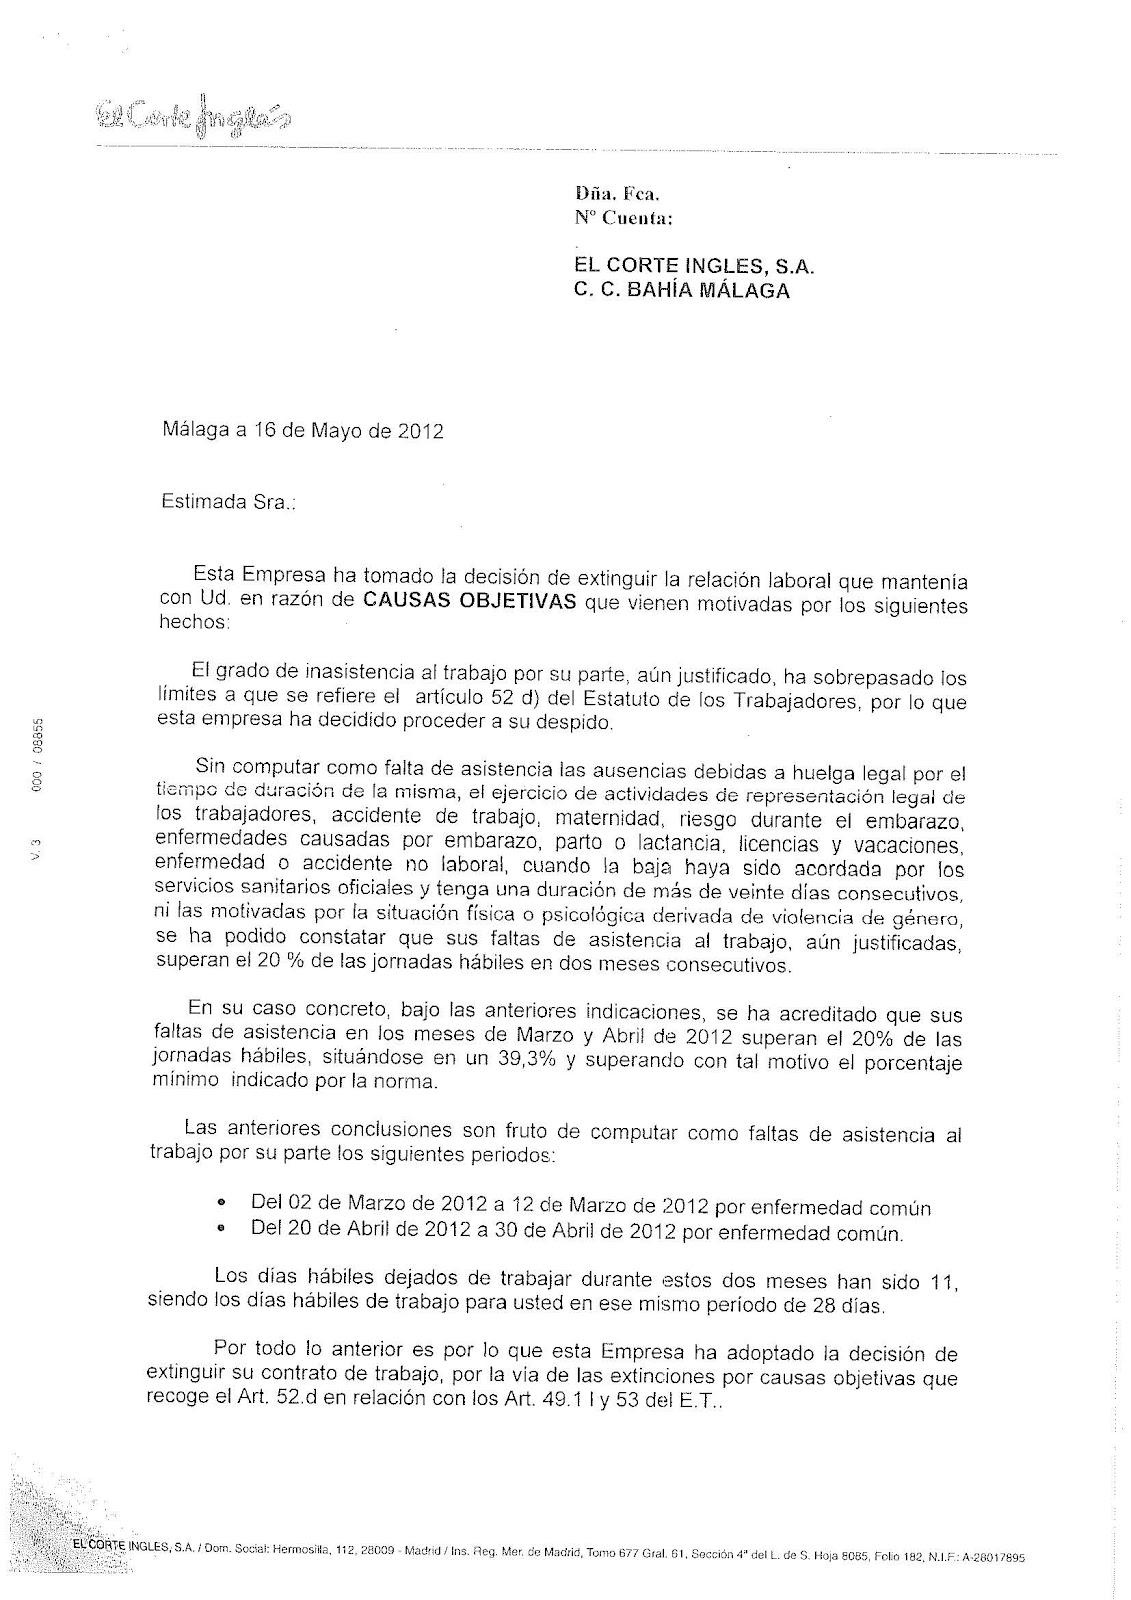 Secci sindical de cc oo de catalunya a el corte ingl s - El corte ingles reformas ...